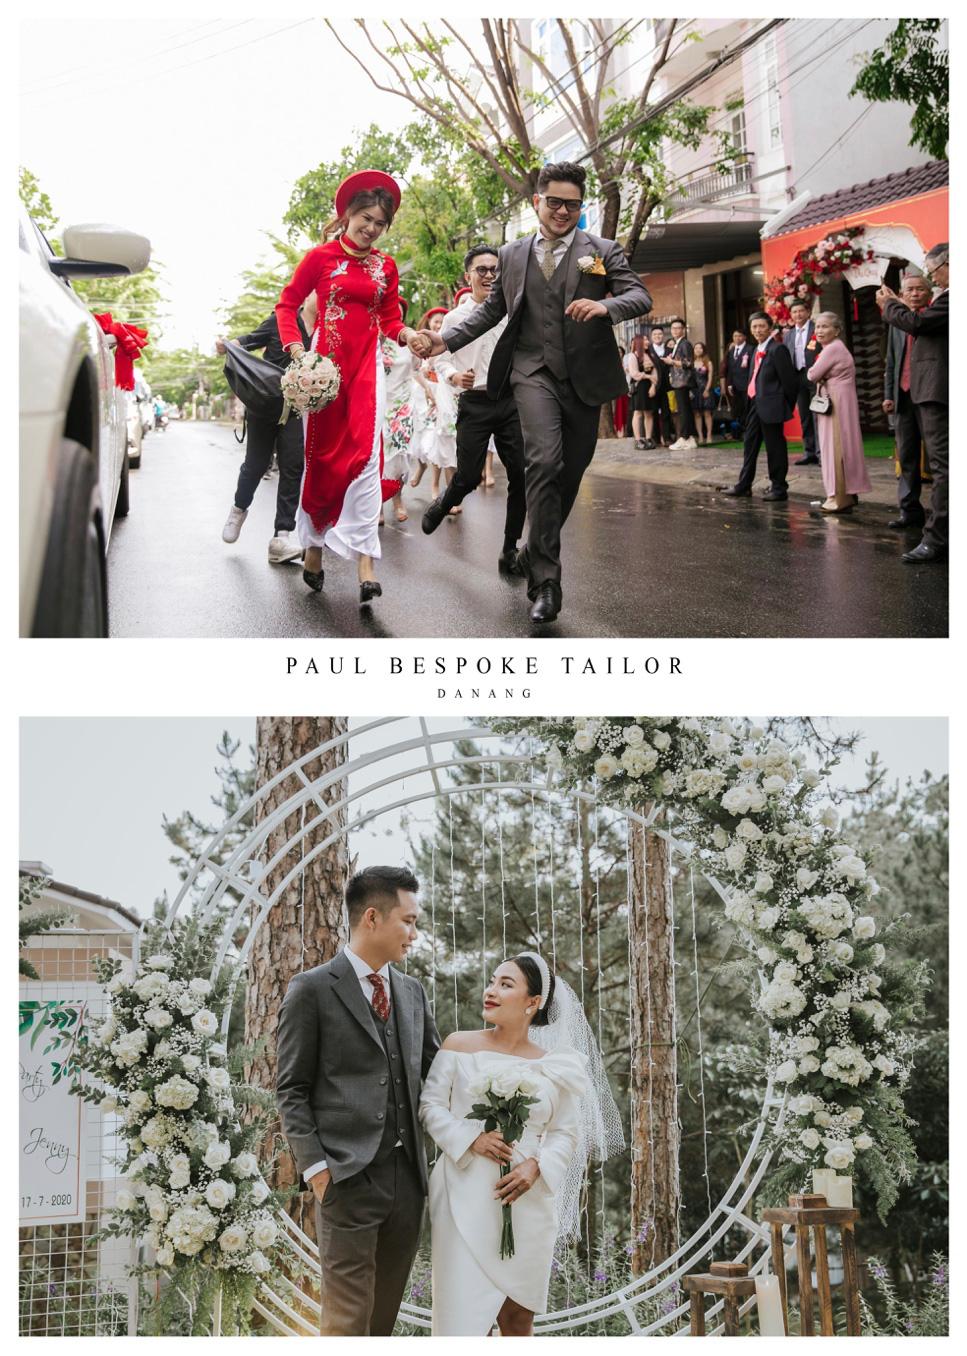 5 lý do may đo vest cưới trở thành xu hướng dành cho các chú rể - Ảnh 6.